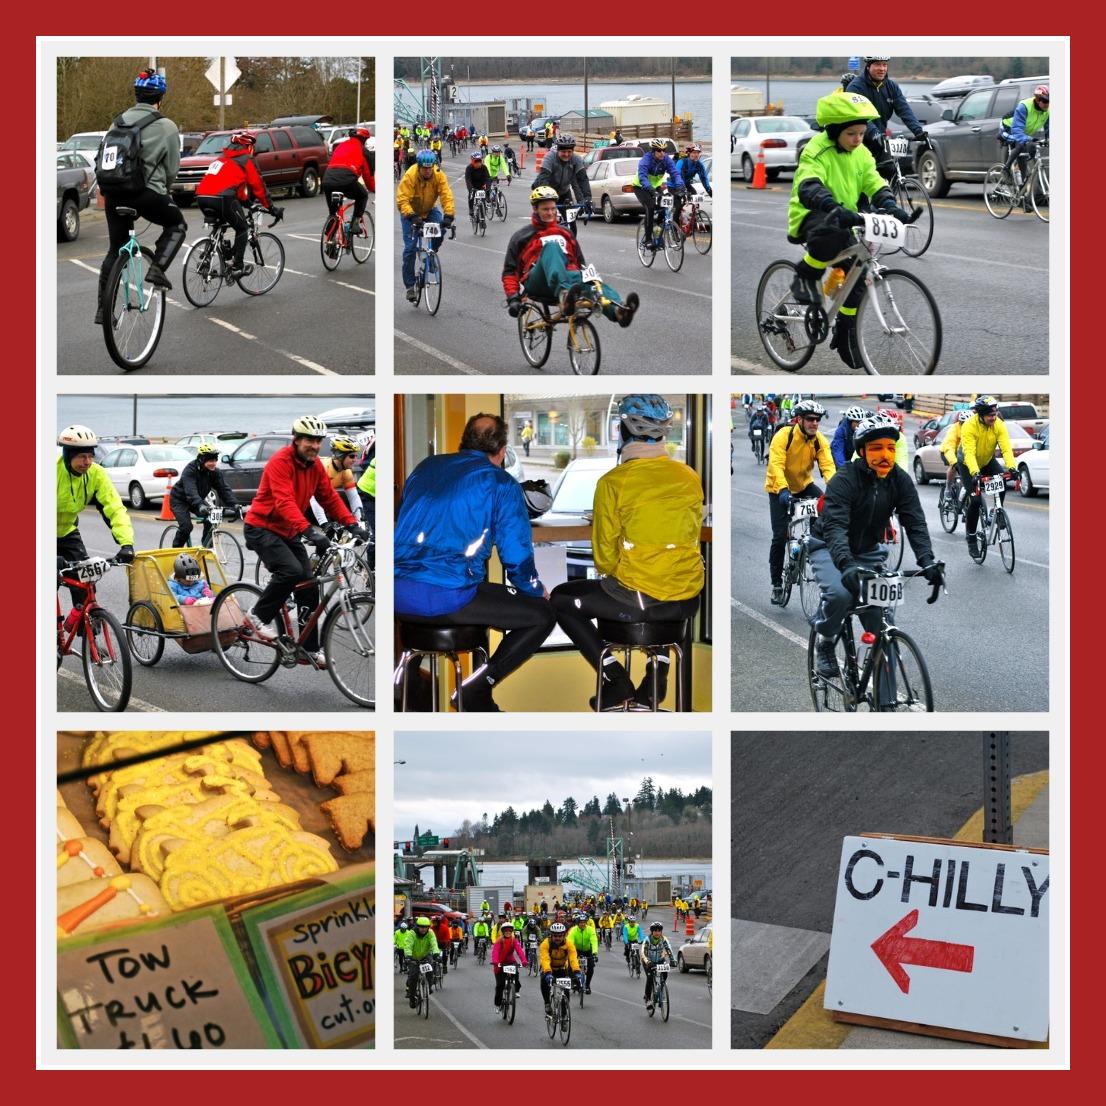 Bainbridge Island Chilly Hilly 2011 - Jen Pells, Realtor